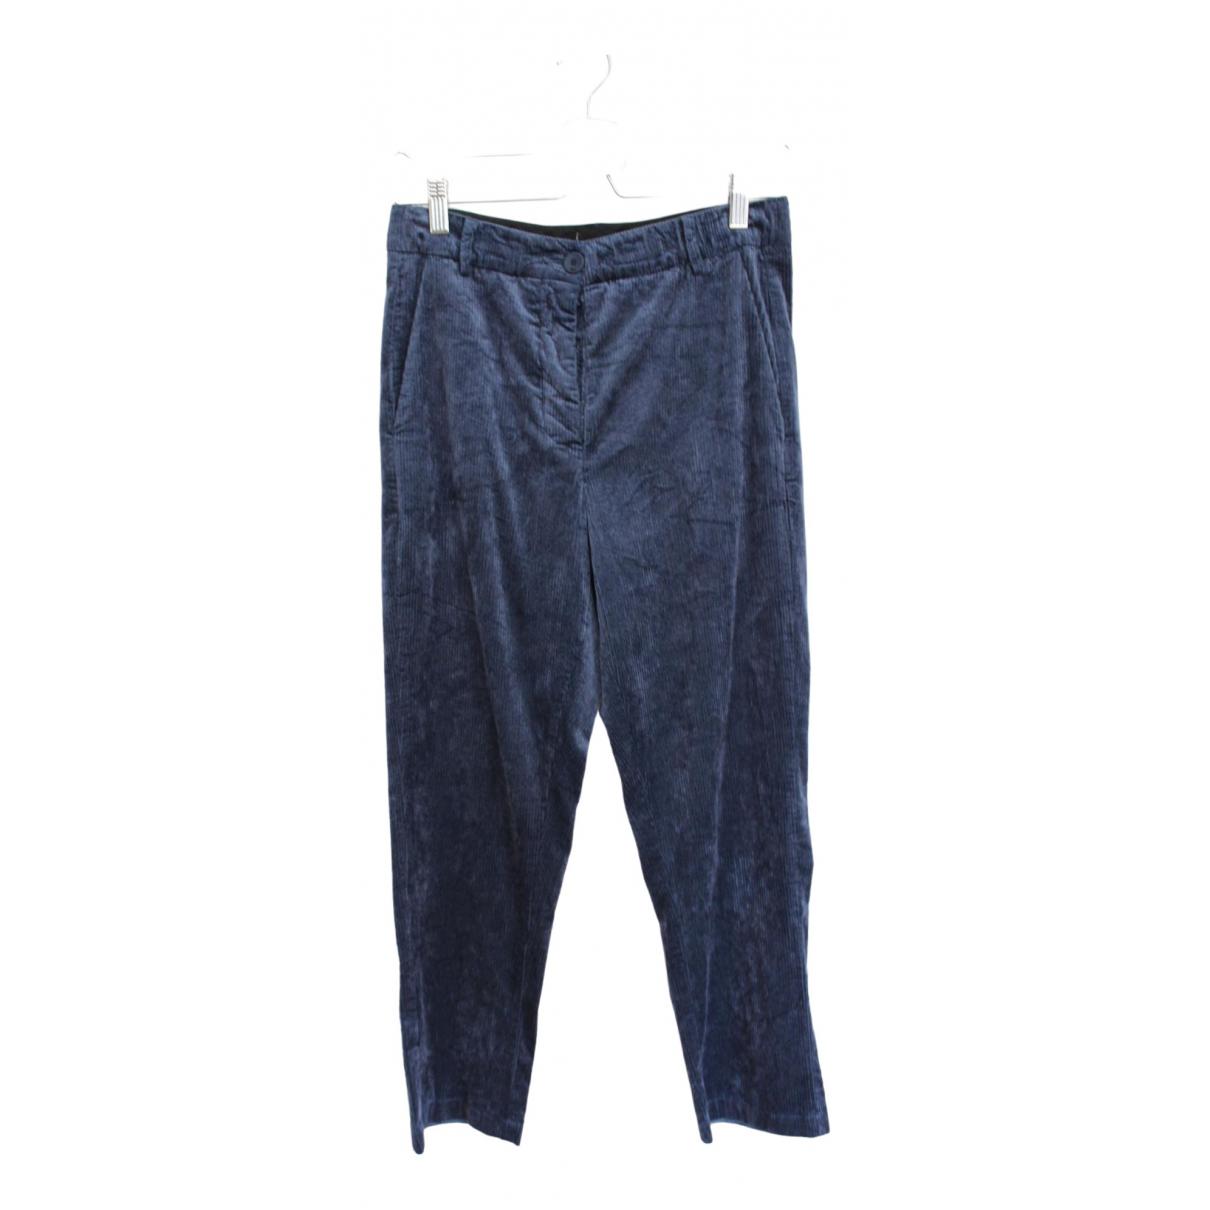 Pantalon zanahoria 8pm